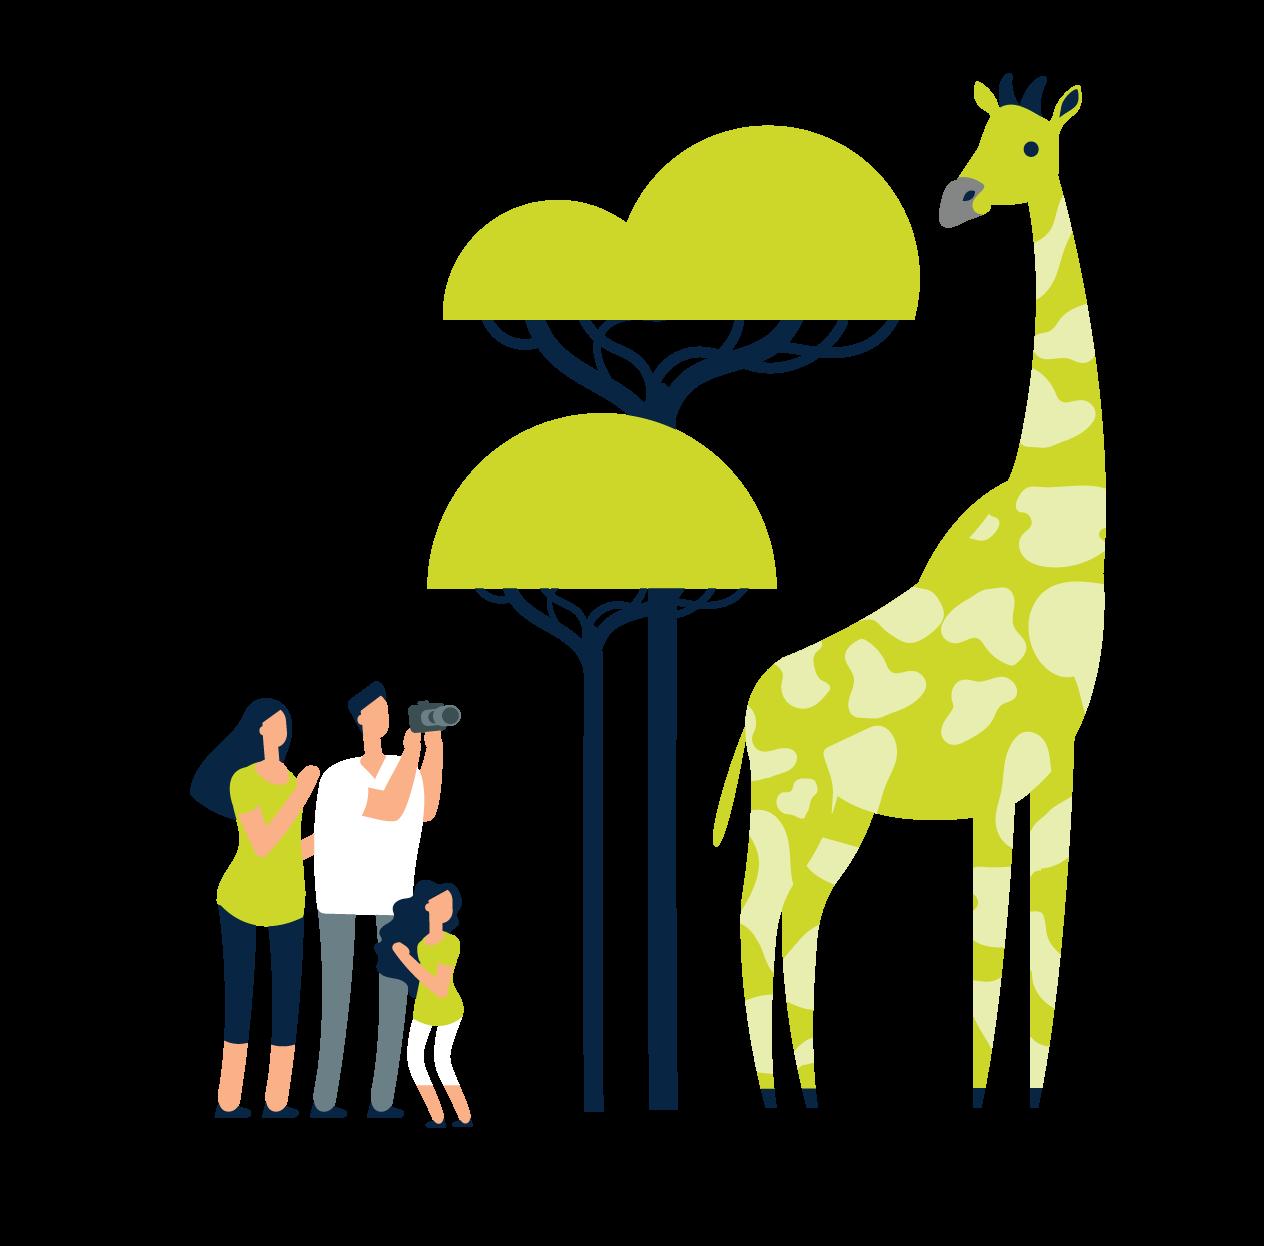 family looking at giraffe at CAC